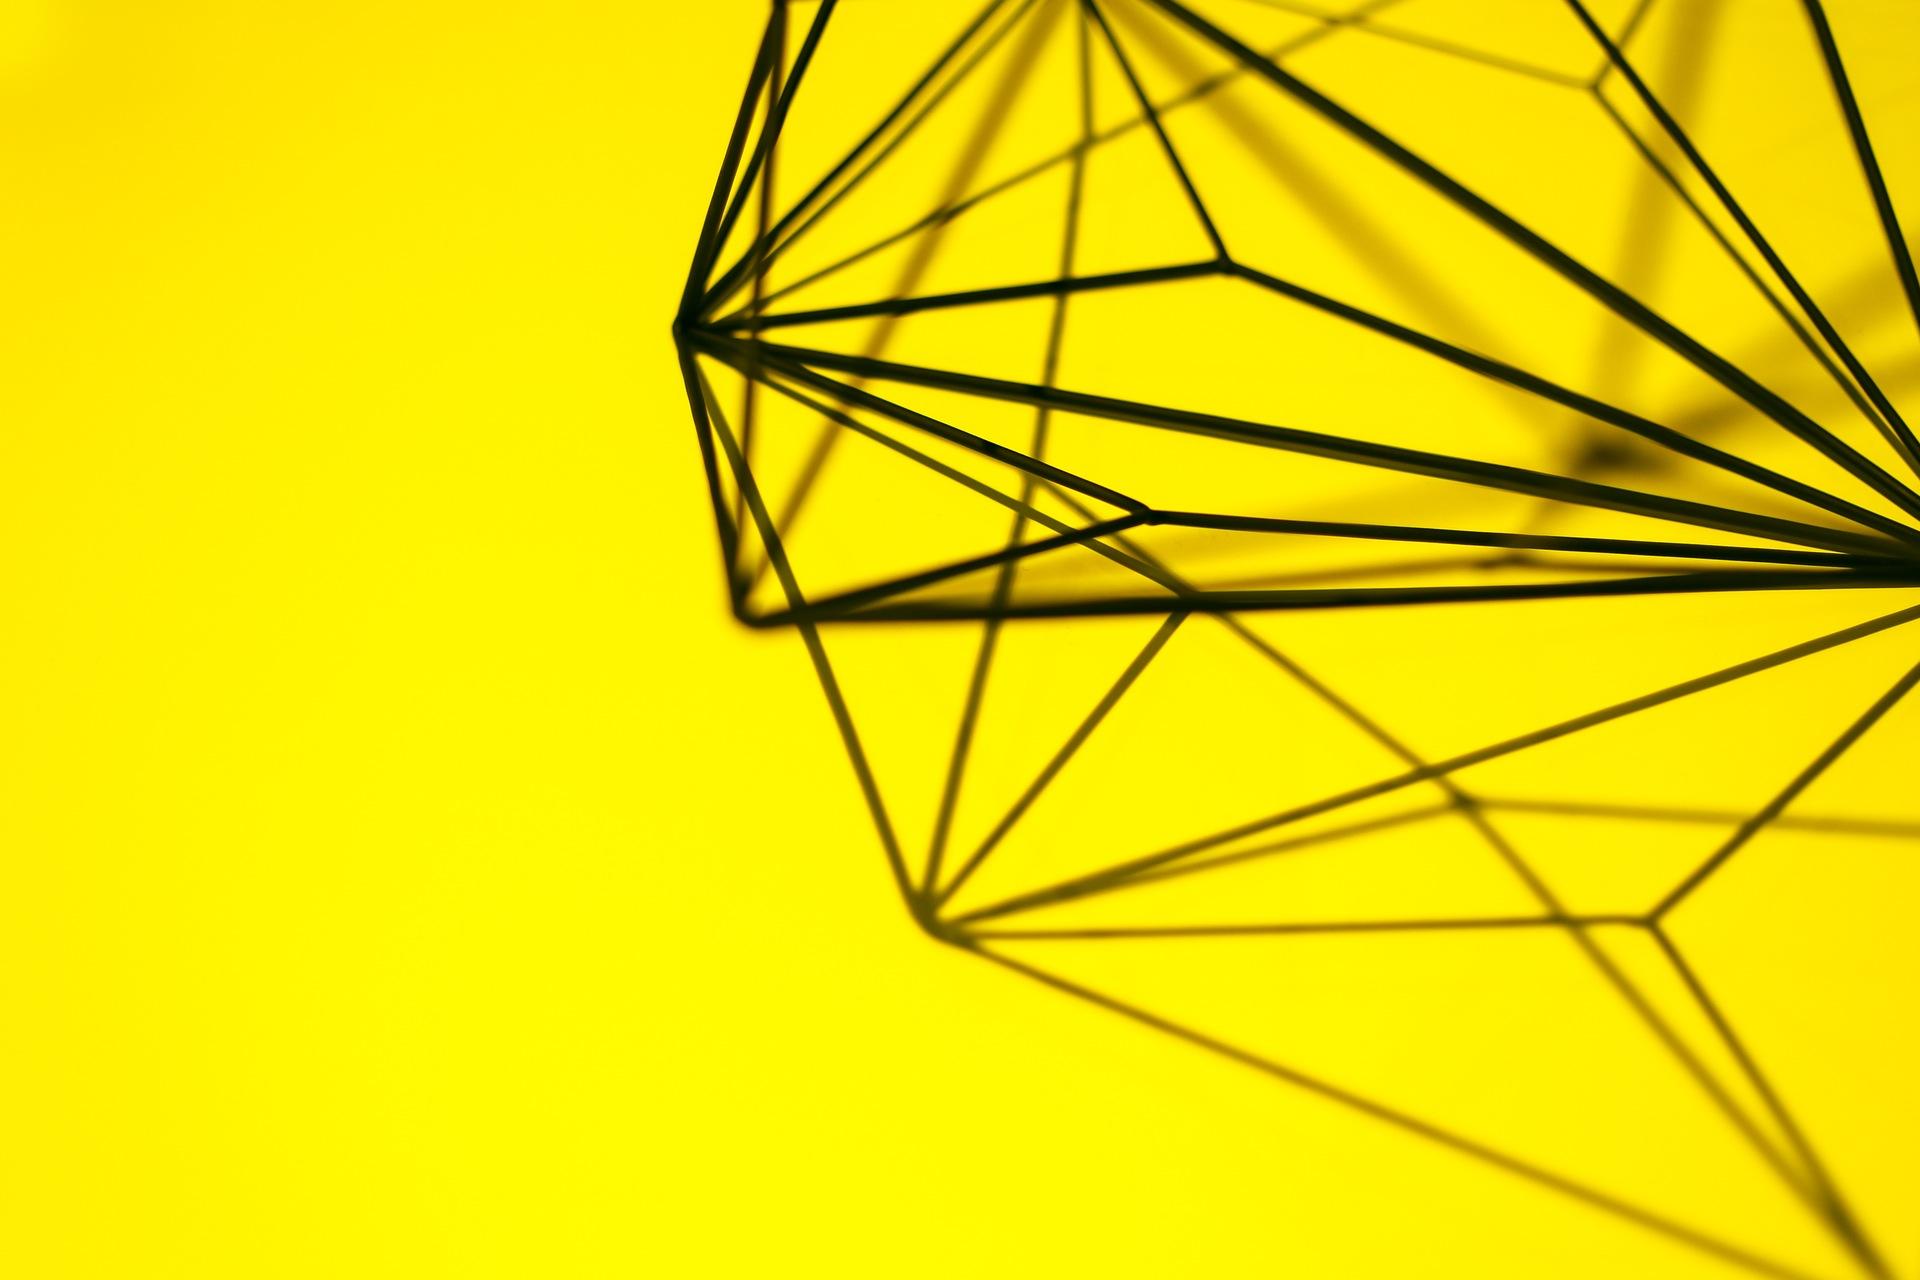 ज्यामिति, डिजाइन, रचनात्मकता, कला, पीला - HD वॉलपेपर - प्रोफेसर-falken.com